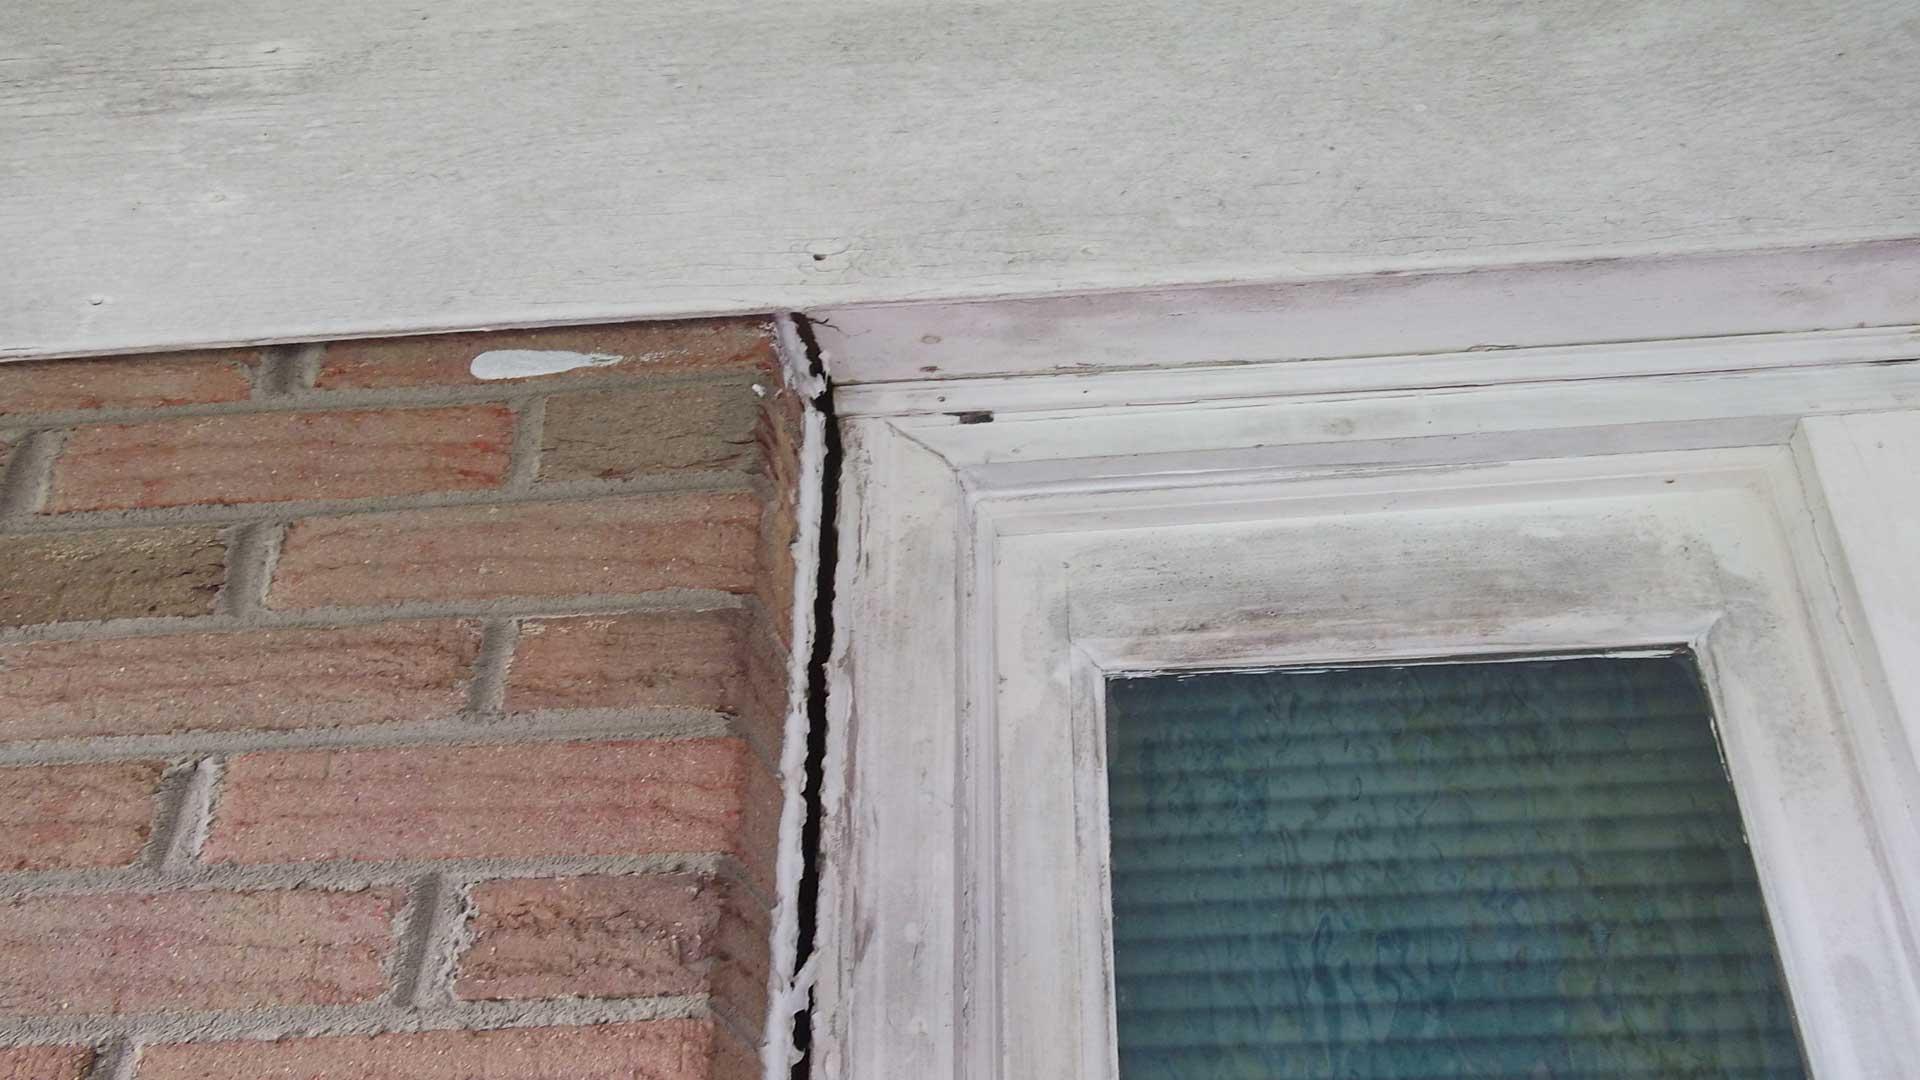 door-jam-pulling-away-from-brick-facing